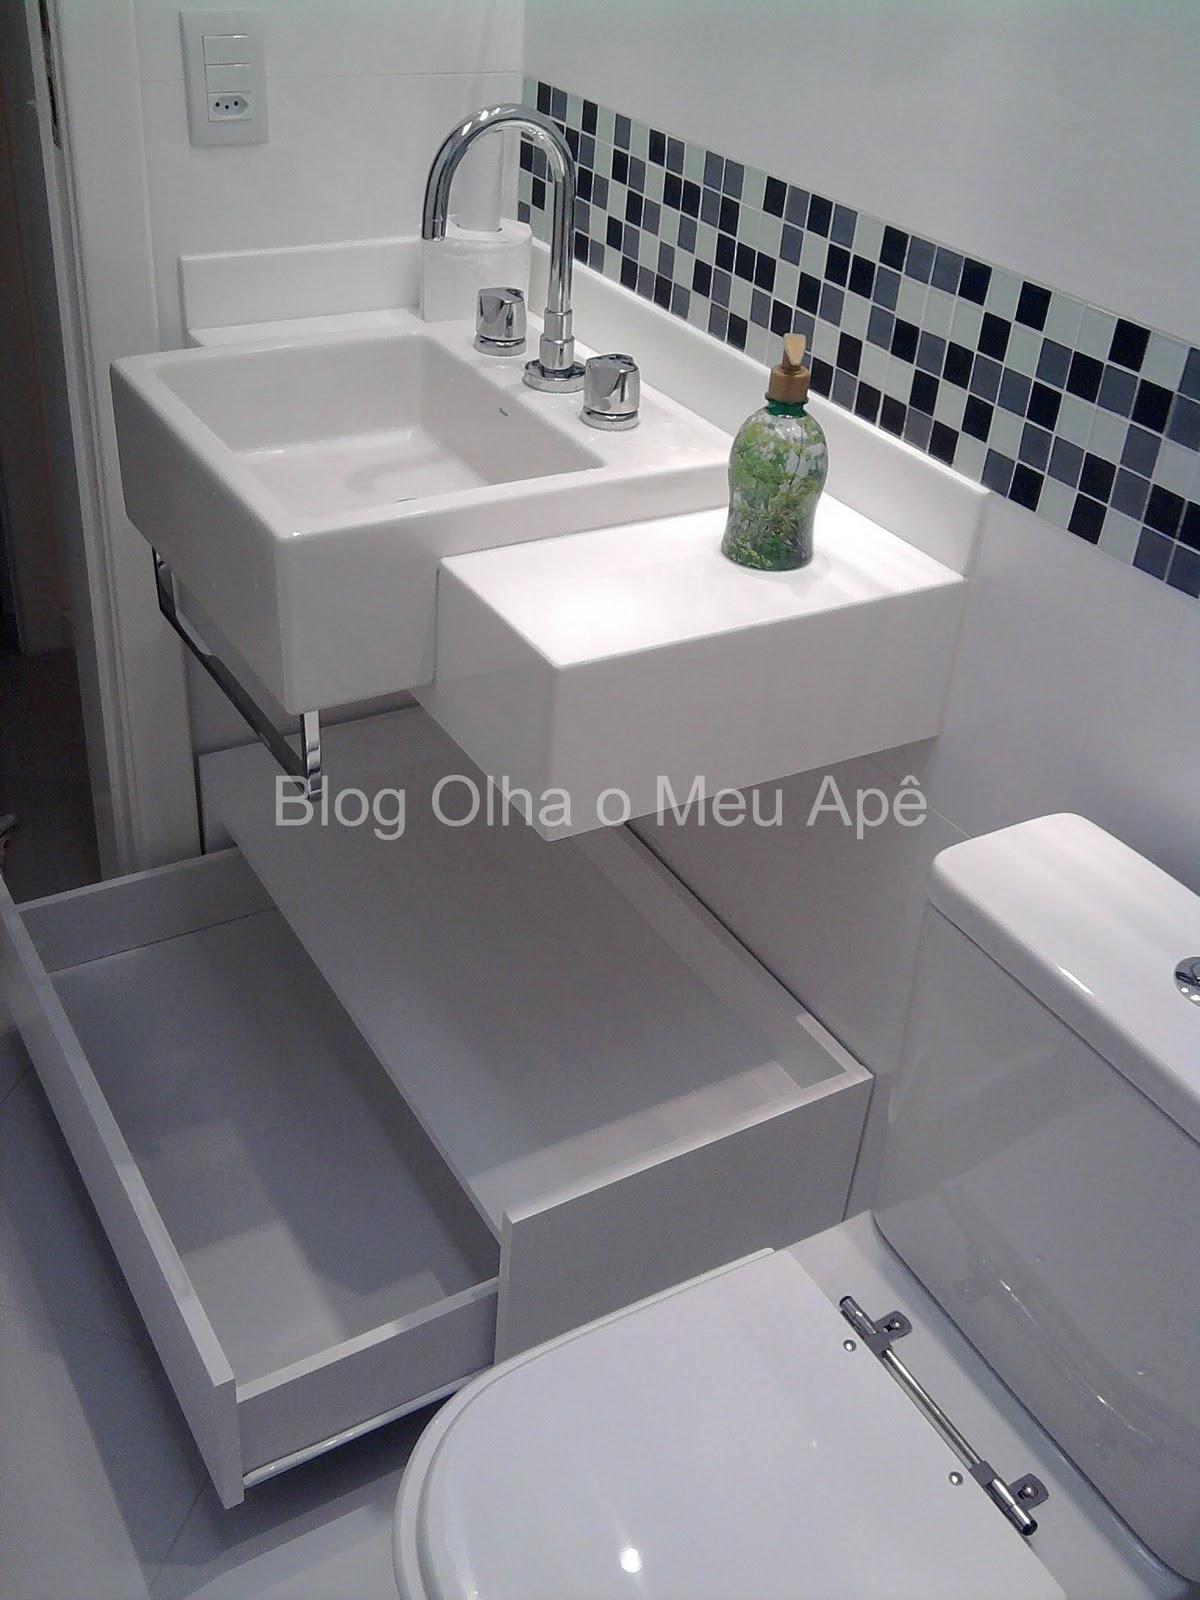 Kit Banheiro Acr Lico Kit Bancada Banheiro Tok Stok Kit Bancada  -> Sala De Estar Decorada Tok Stok